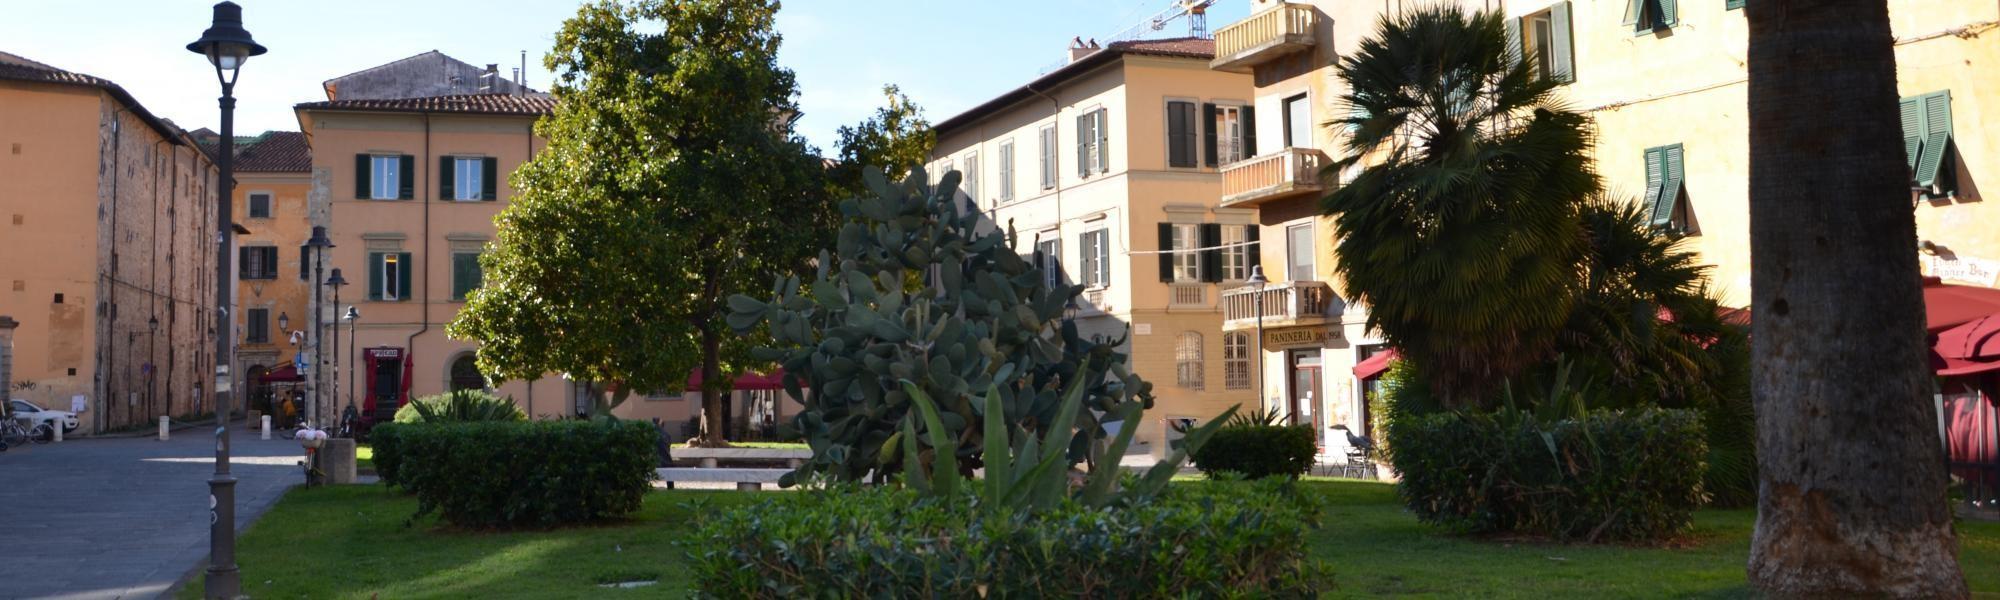 Piazza Dante (L. Corevi, Comune di Pisa)